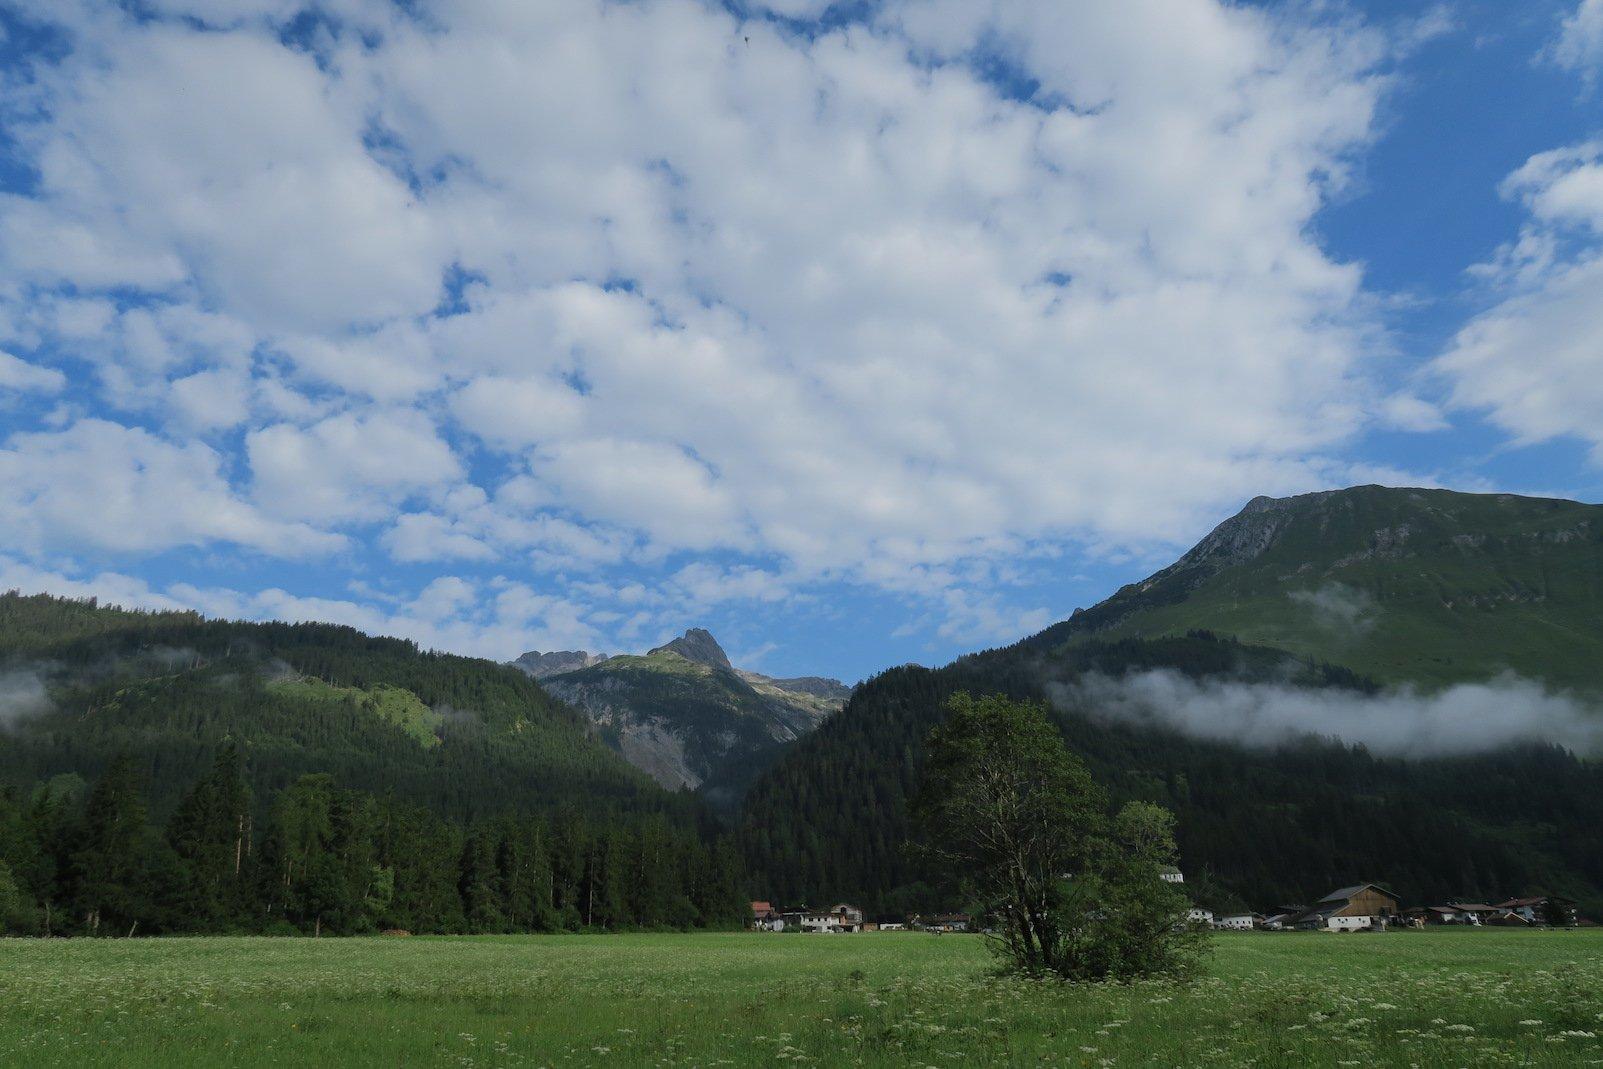 Ein Blick auf die Berge und kleinen Wolken